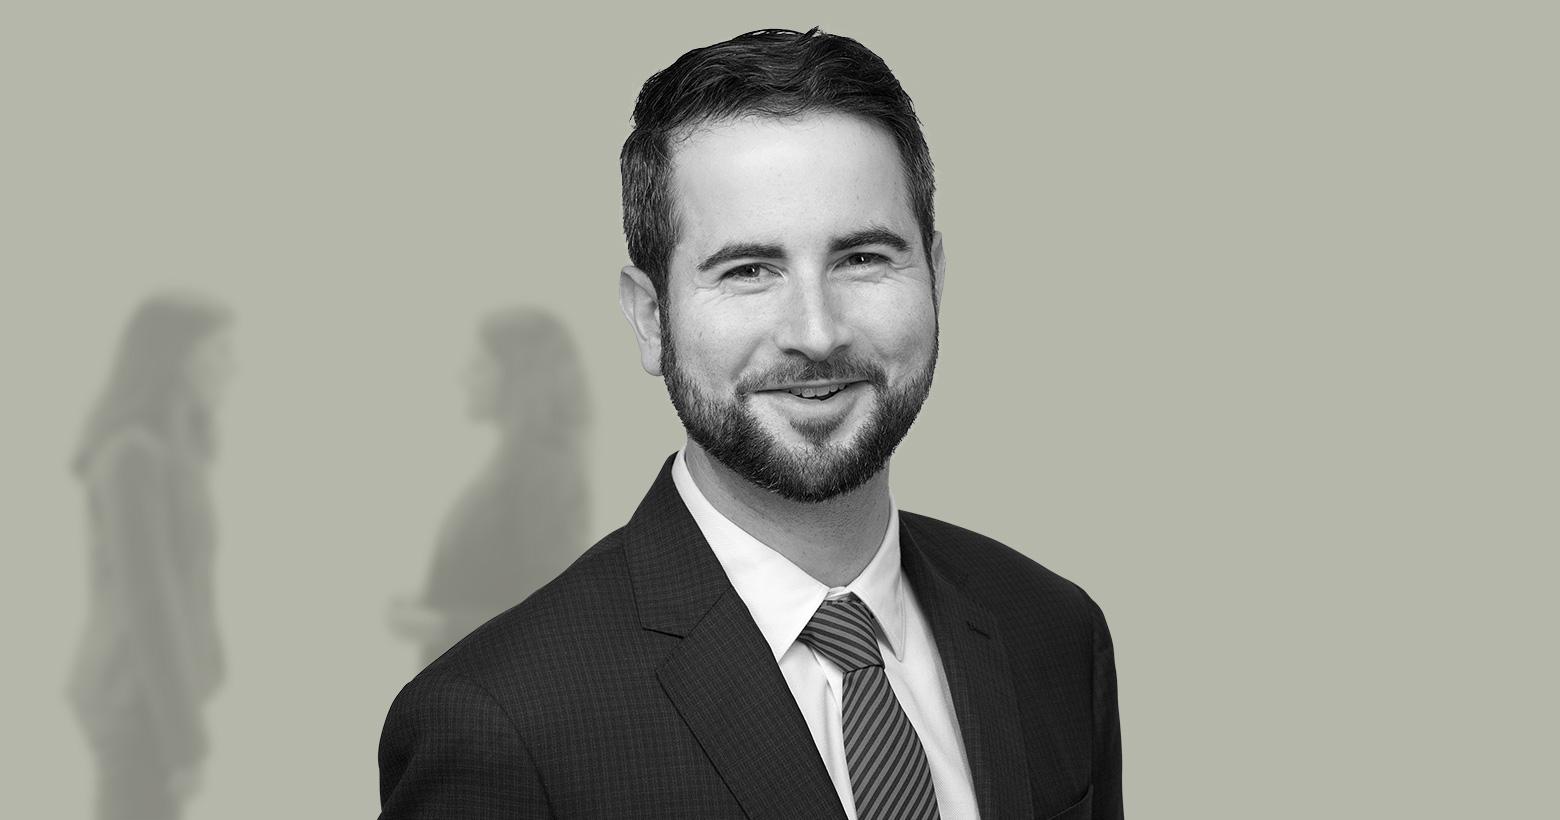 Christopher Janszky